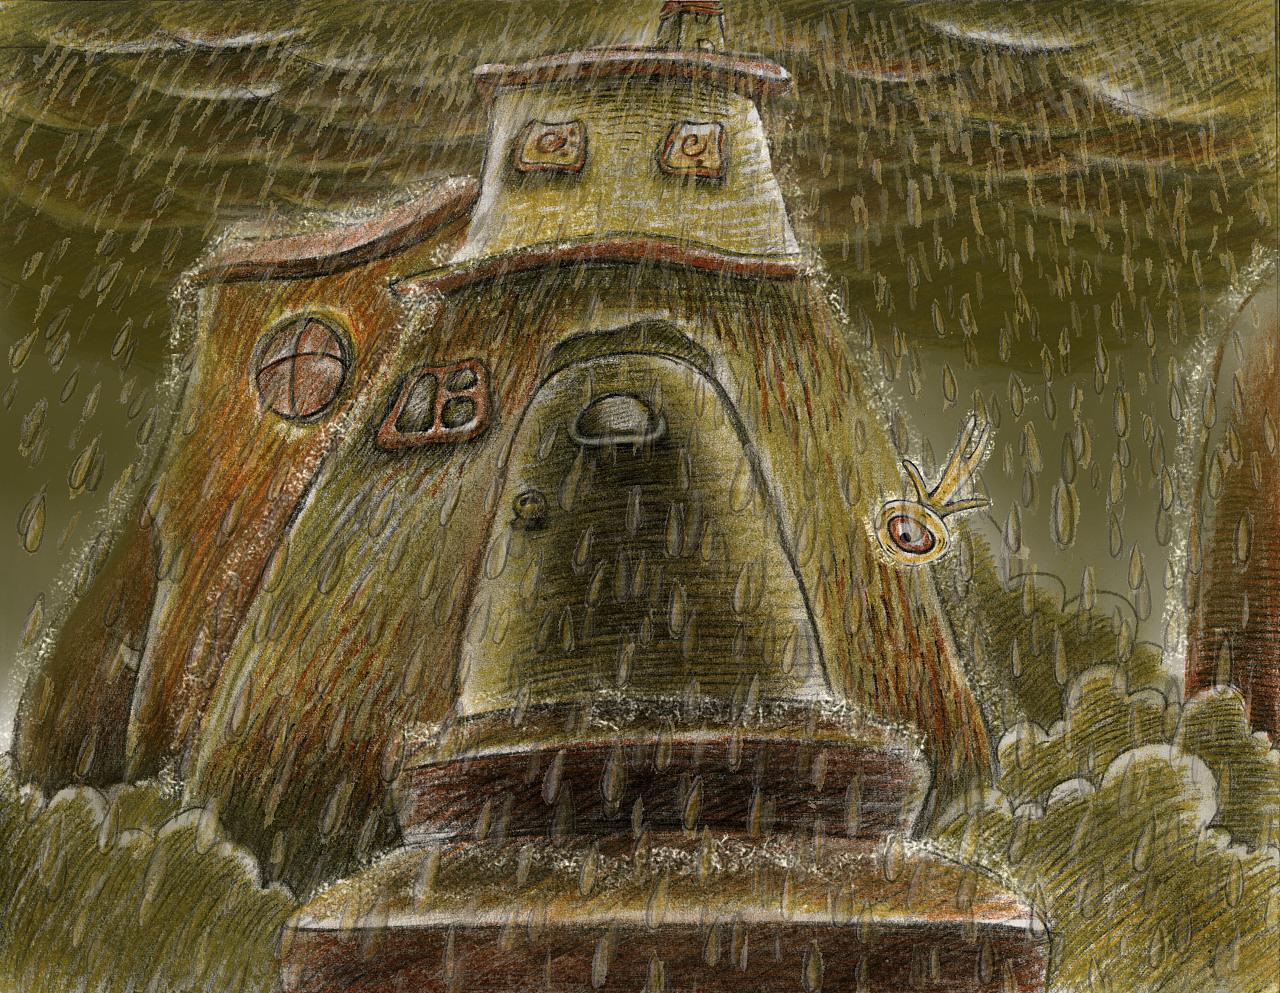 彩铅手绘动画《钥匙》